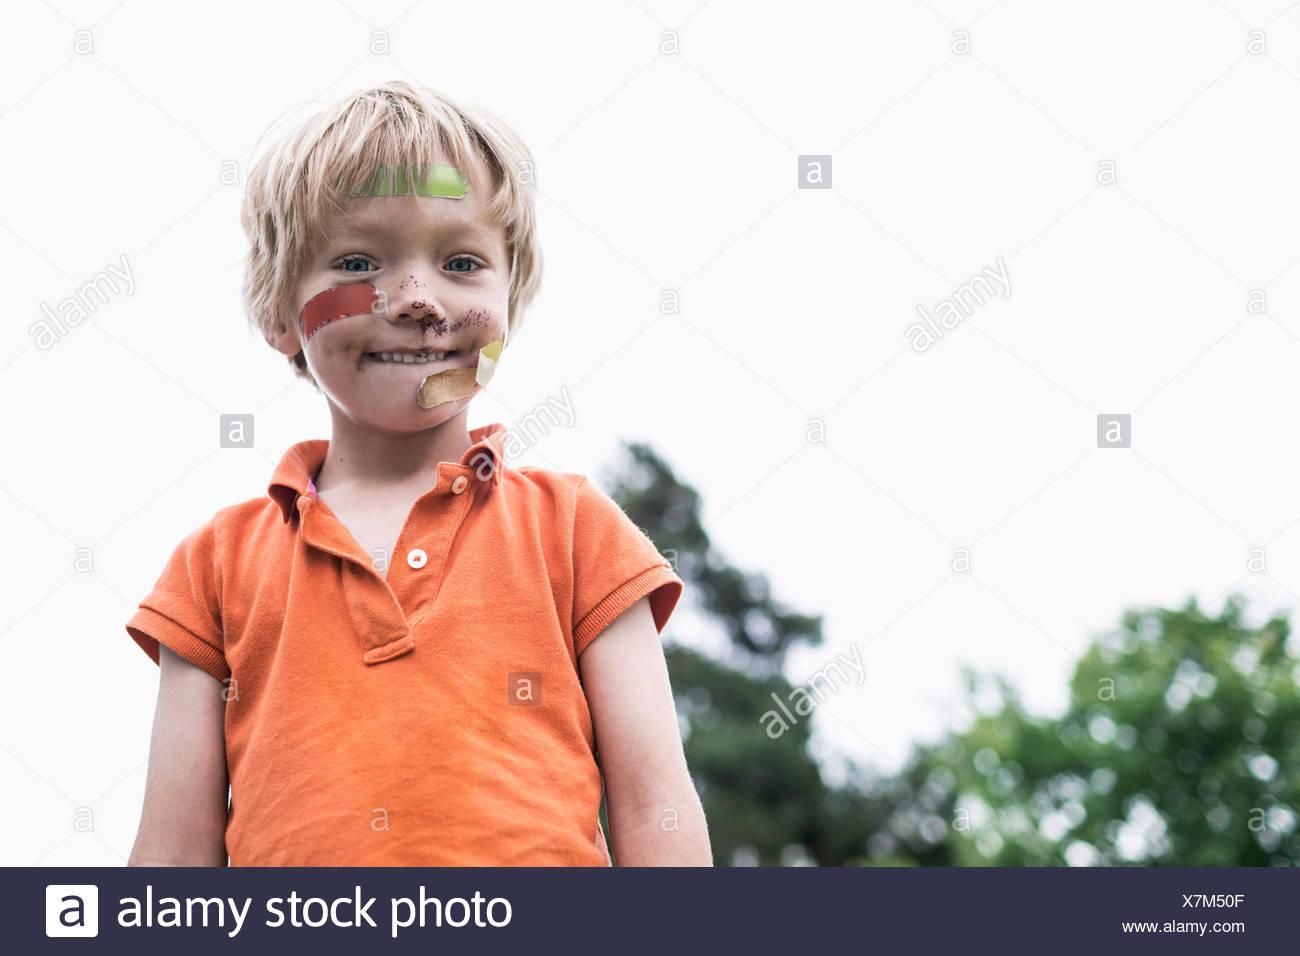 Portrait d'enfant blessé debout contre un ciel clair Photo Stock